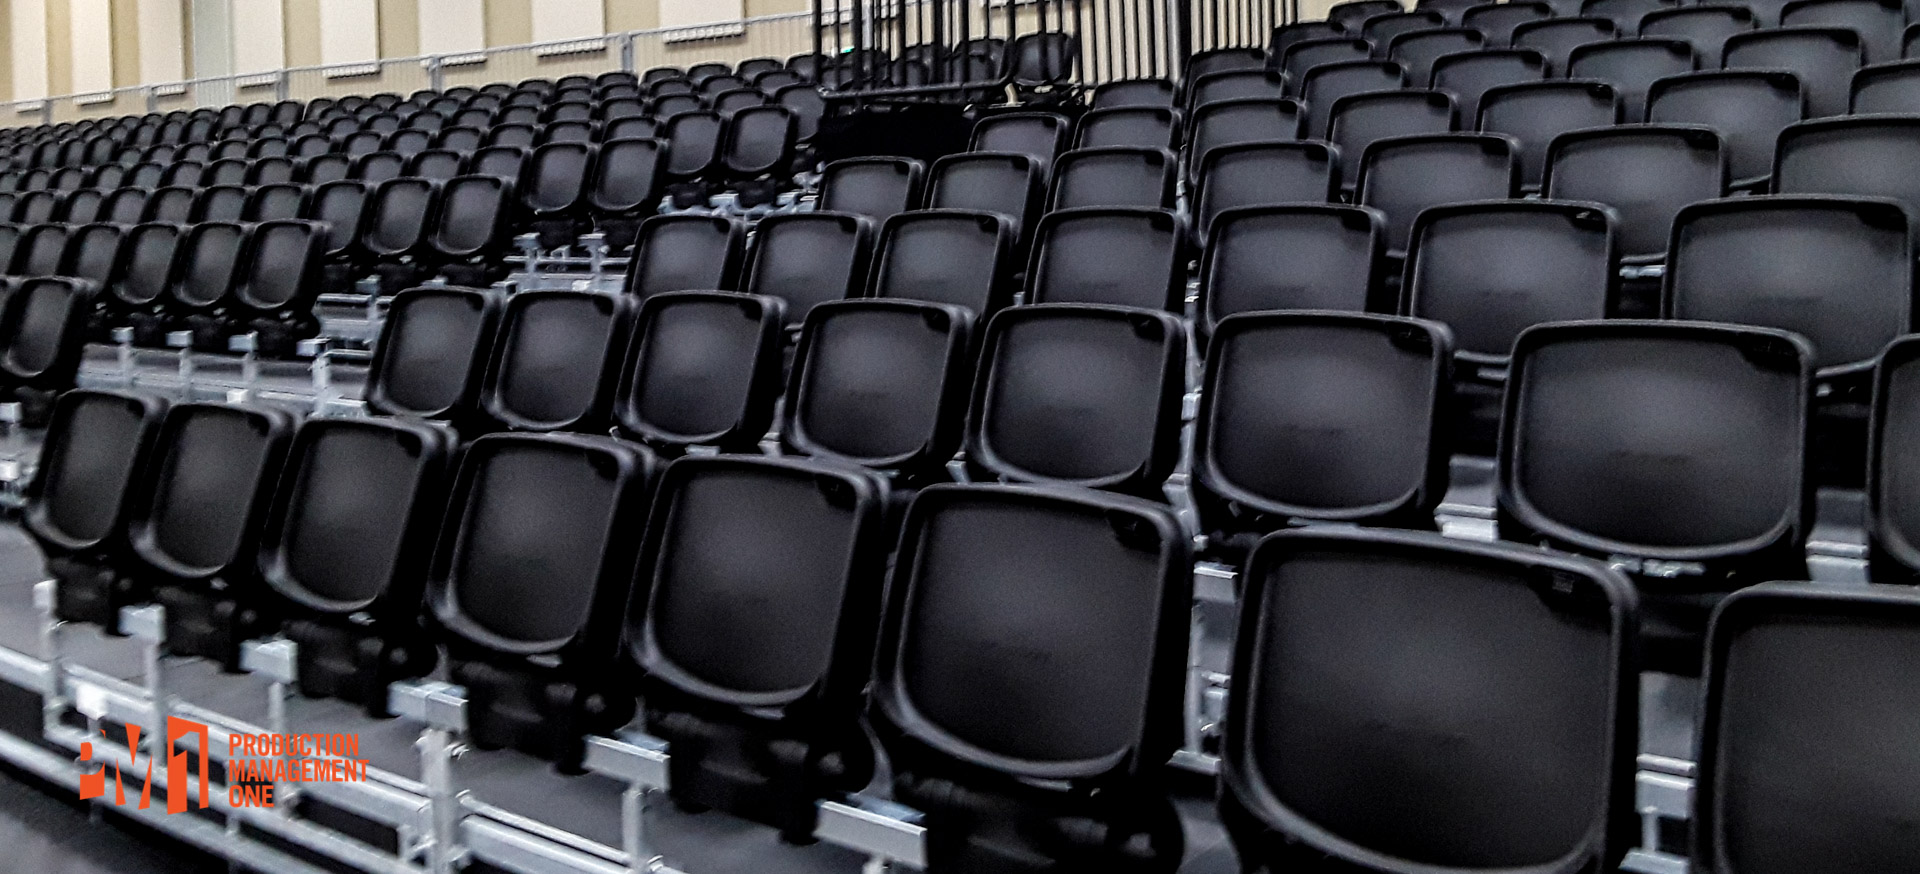 pm1-seatingrental-10